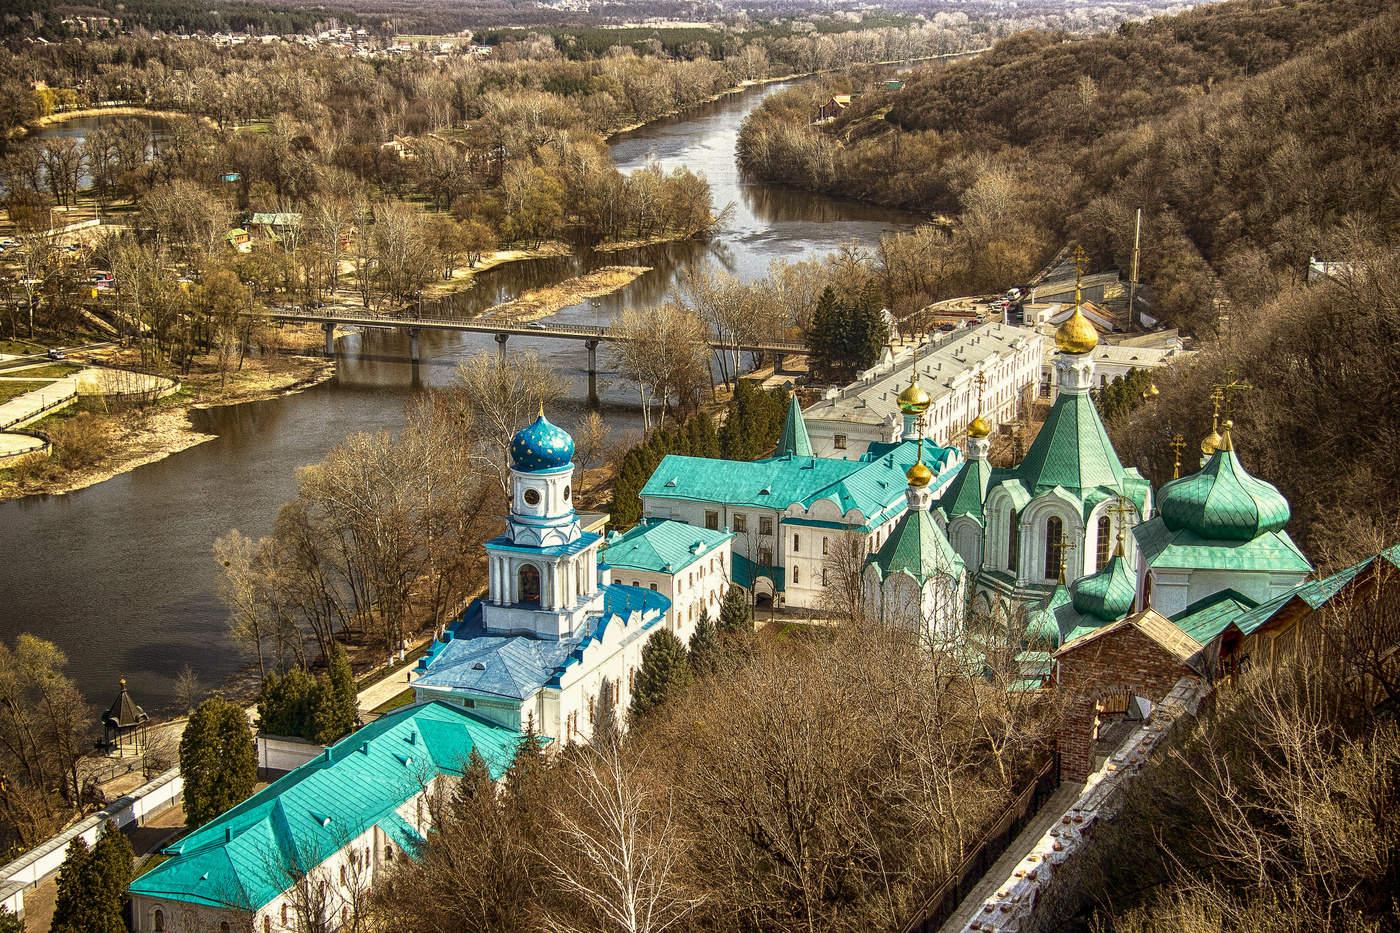 святогорский монастырь фото скучают свободное время